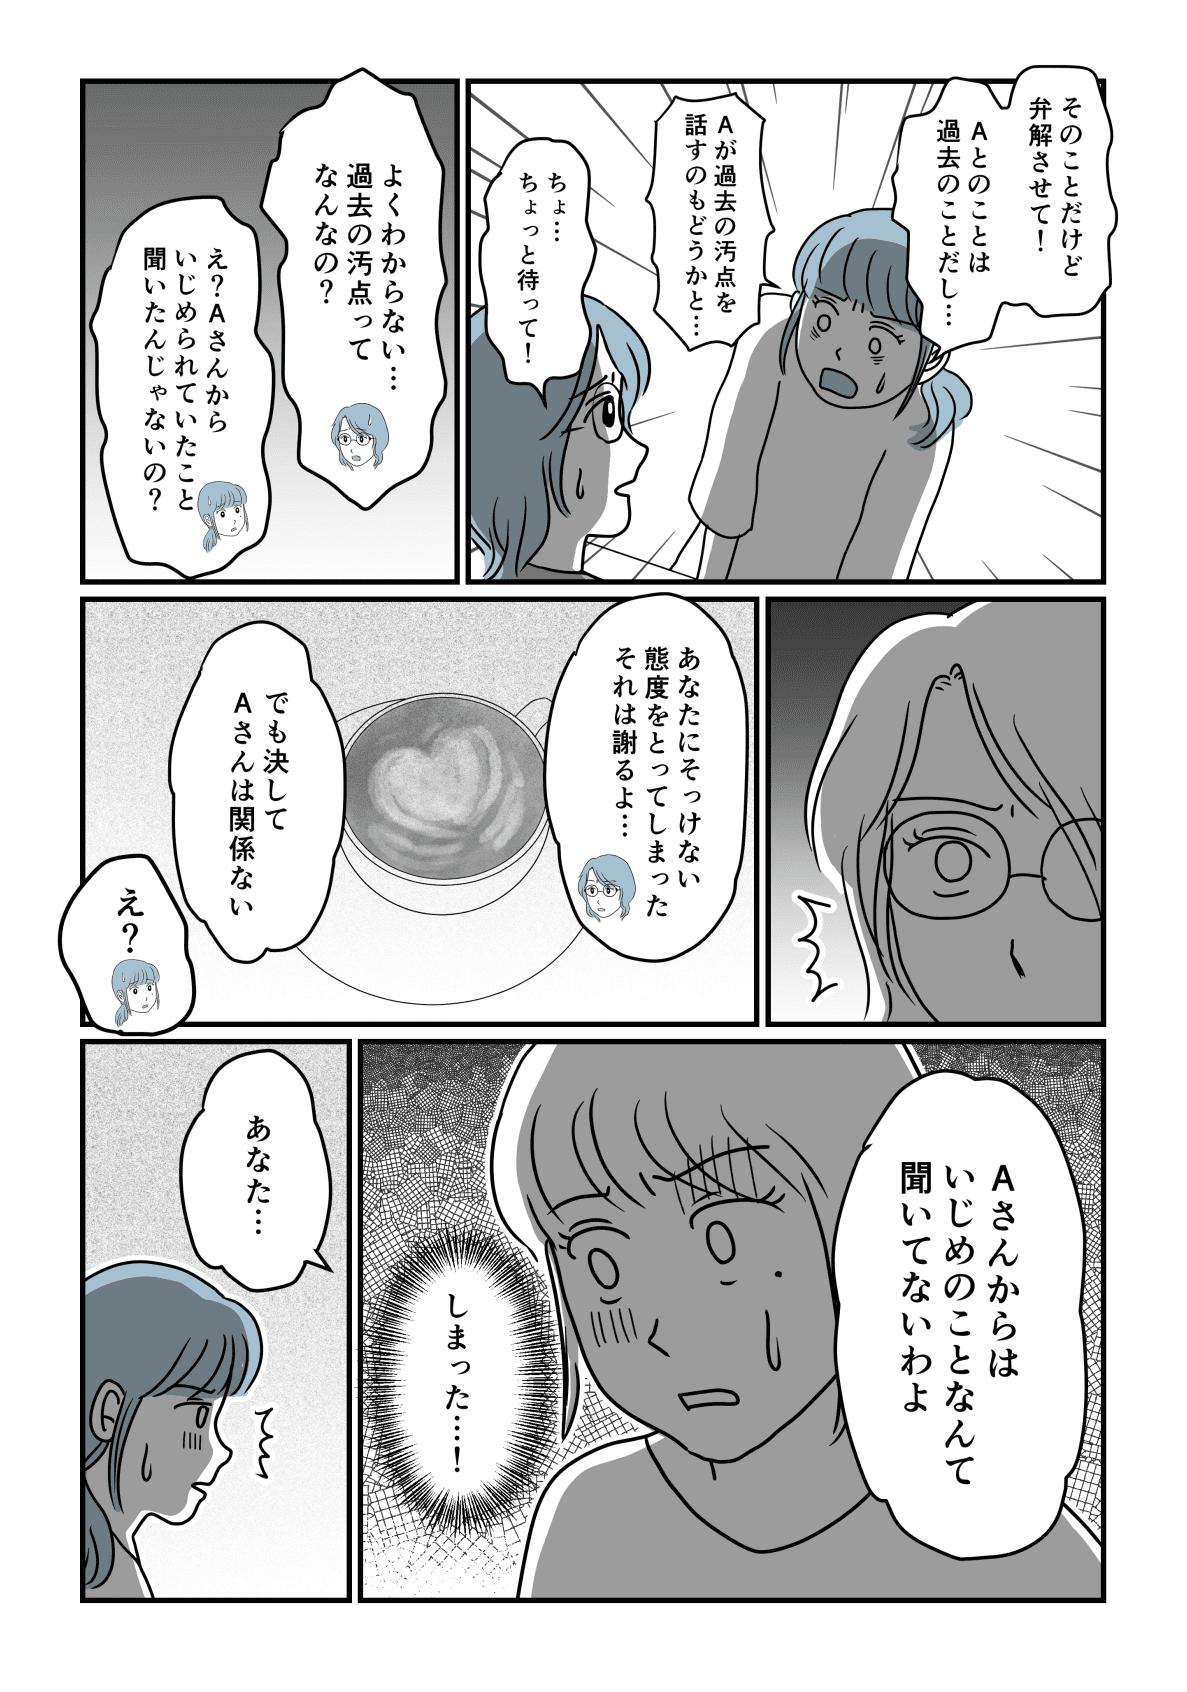 【前編】ママ友に過去のいじめがバレたかも……!2